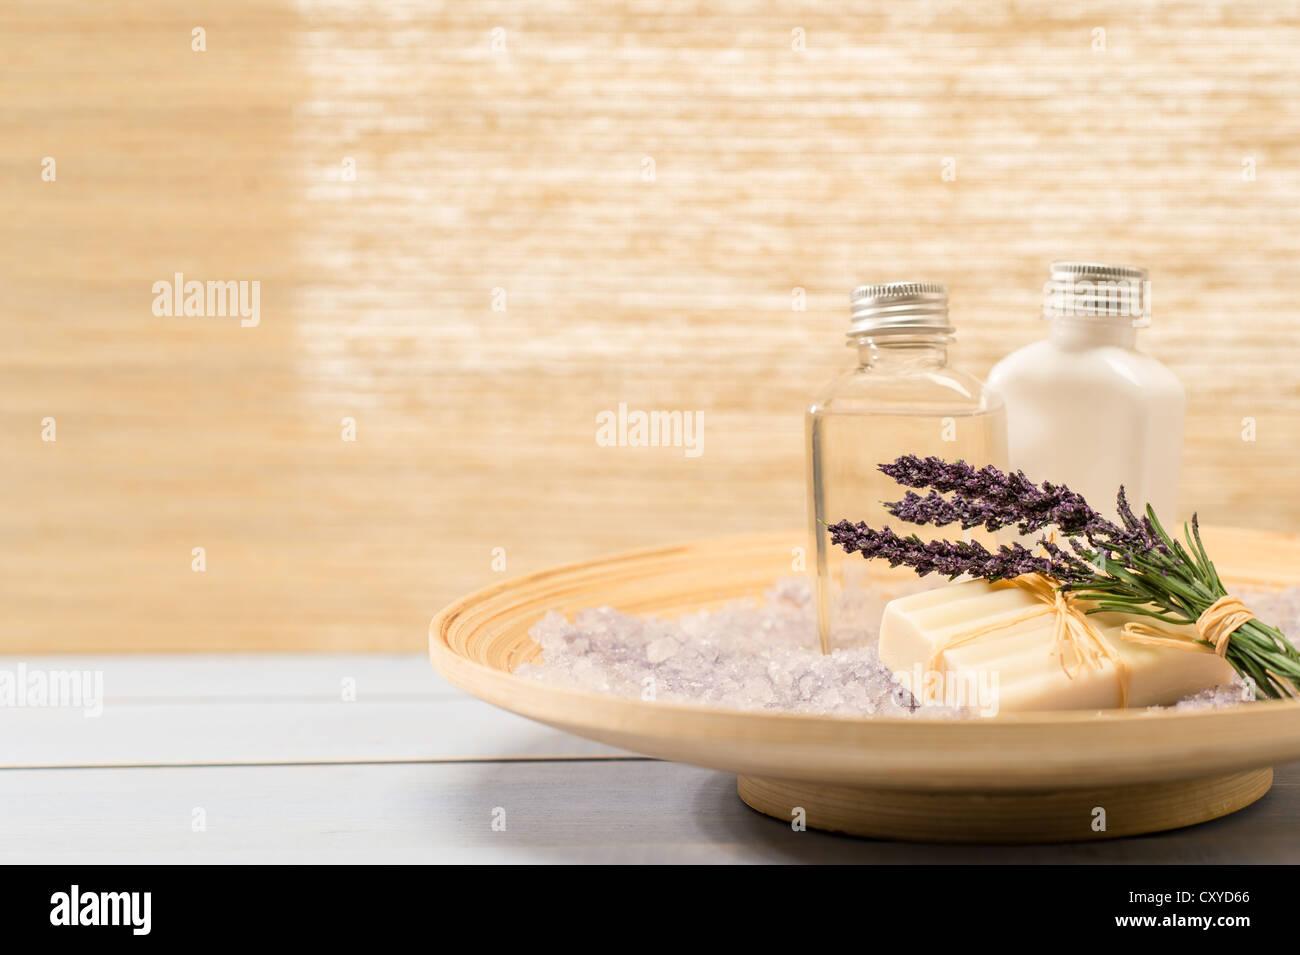 Productos de spa natural lavanda en bandeja de madera Imagen De Stock